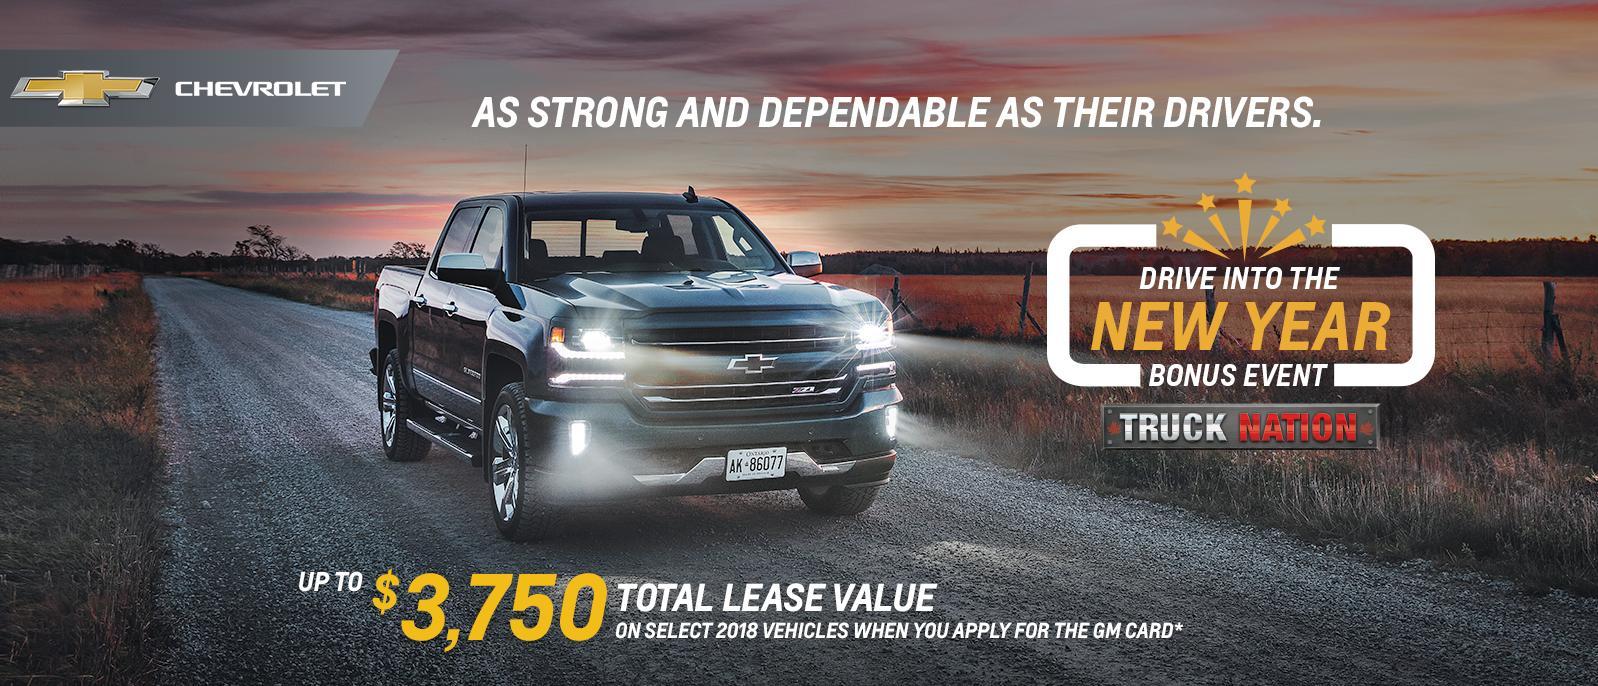 2018 Chevrolet Silverado Drive into the New Year Ajax Pickering Whitby Oshawa Clarington Durham Region Toronto Ontario